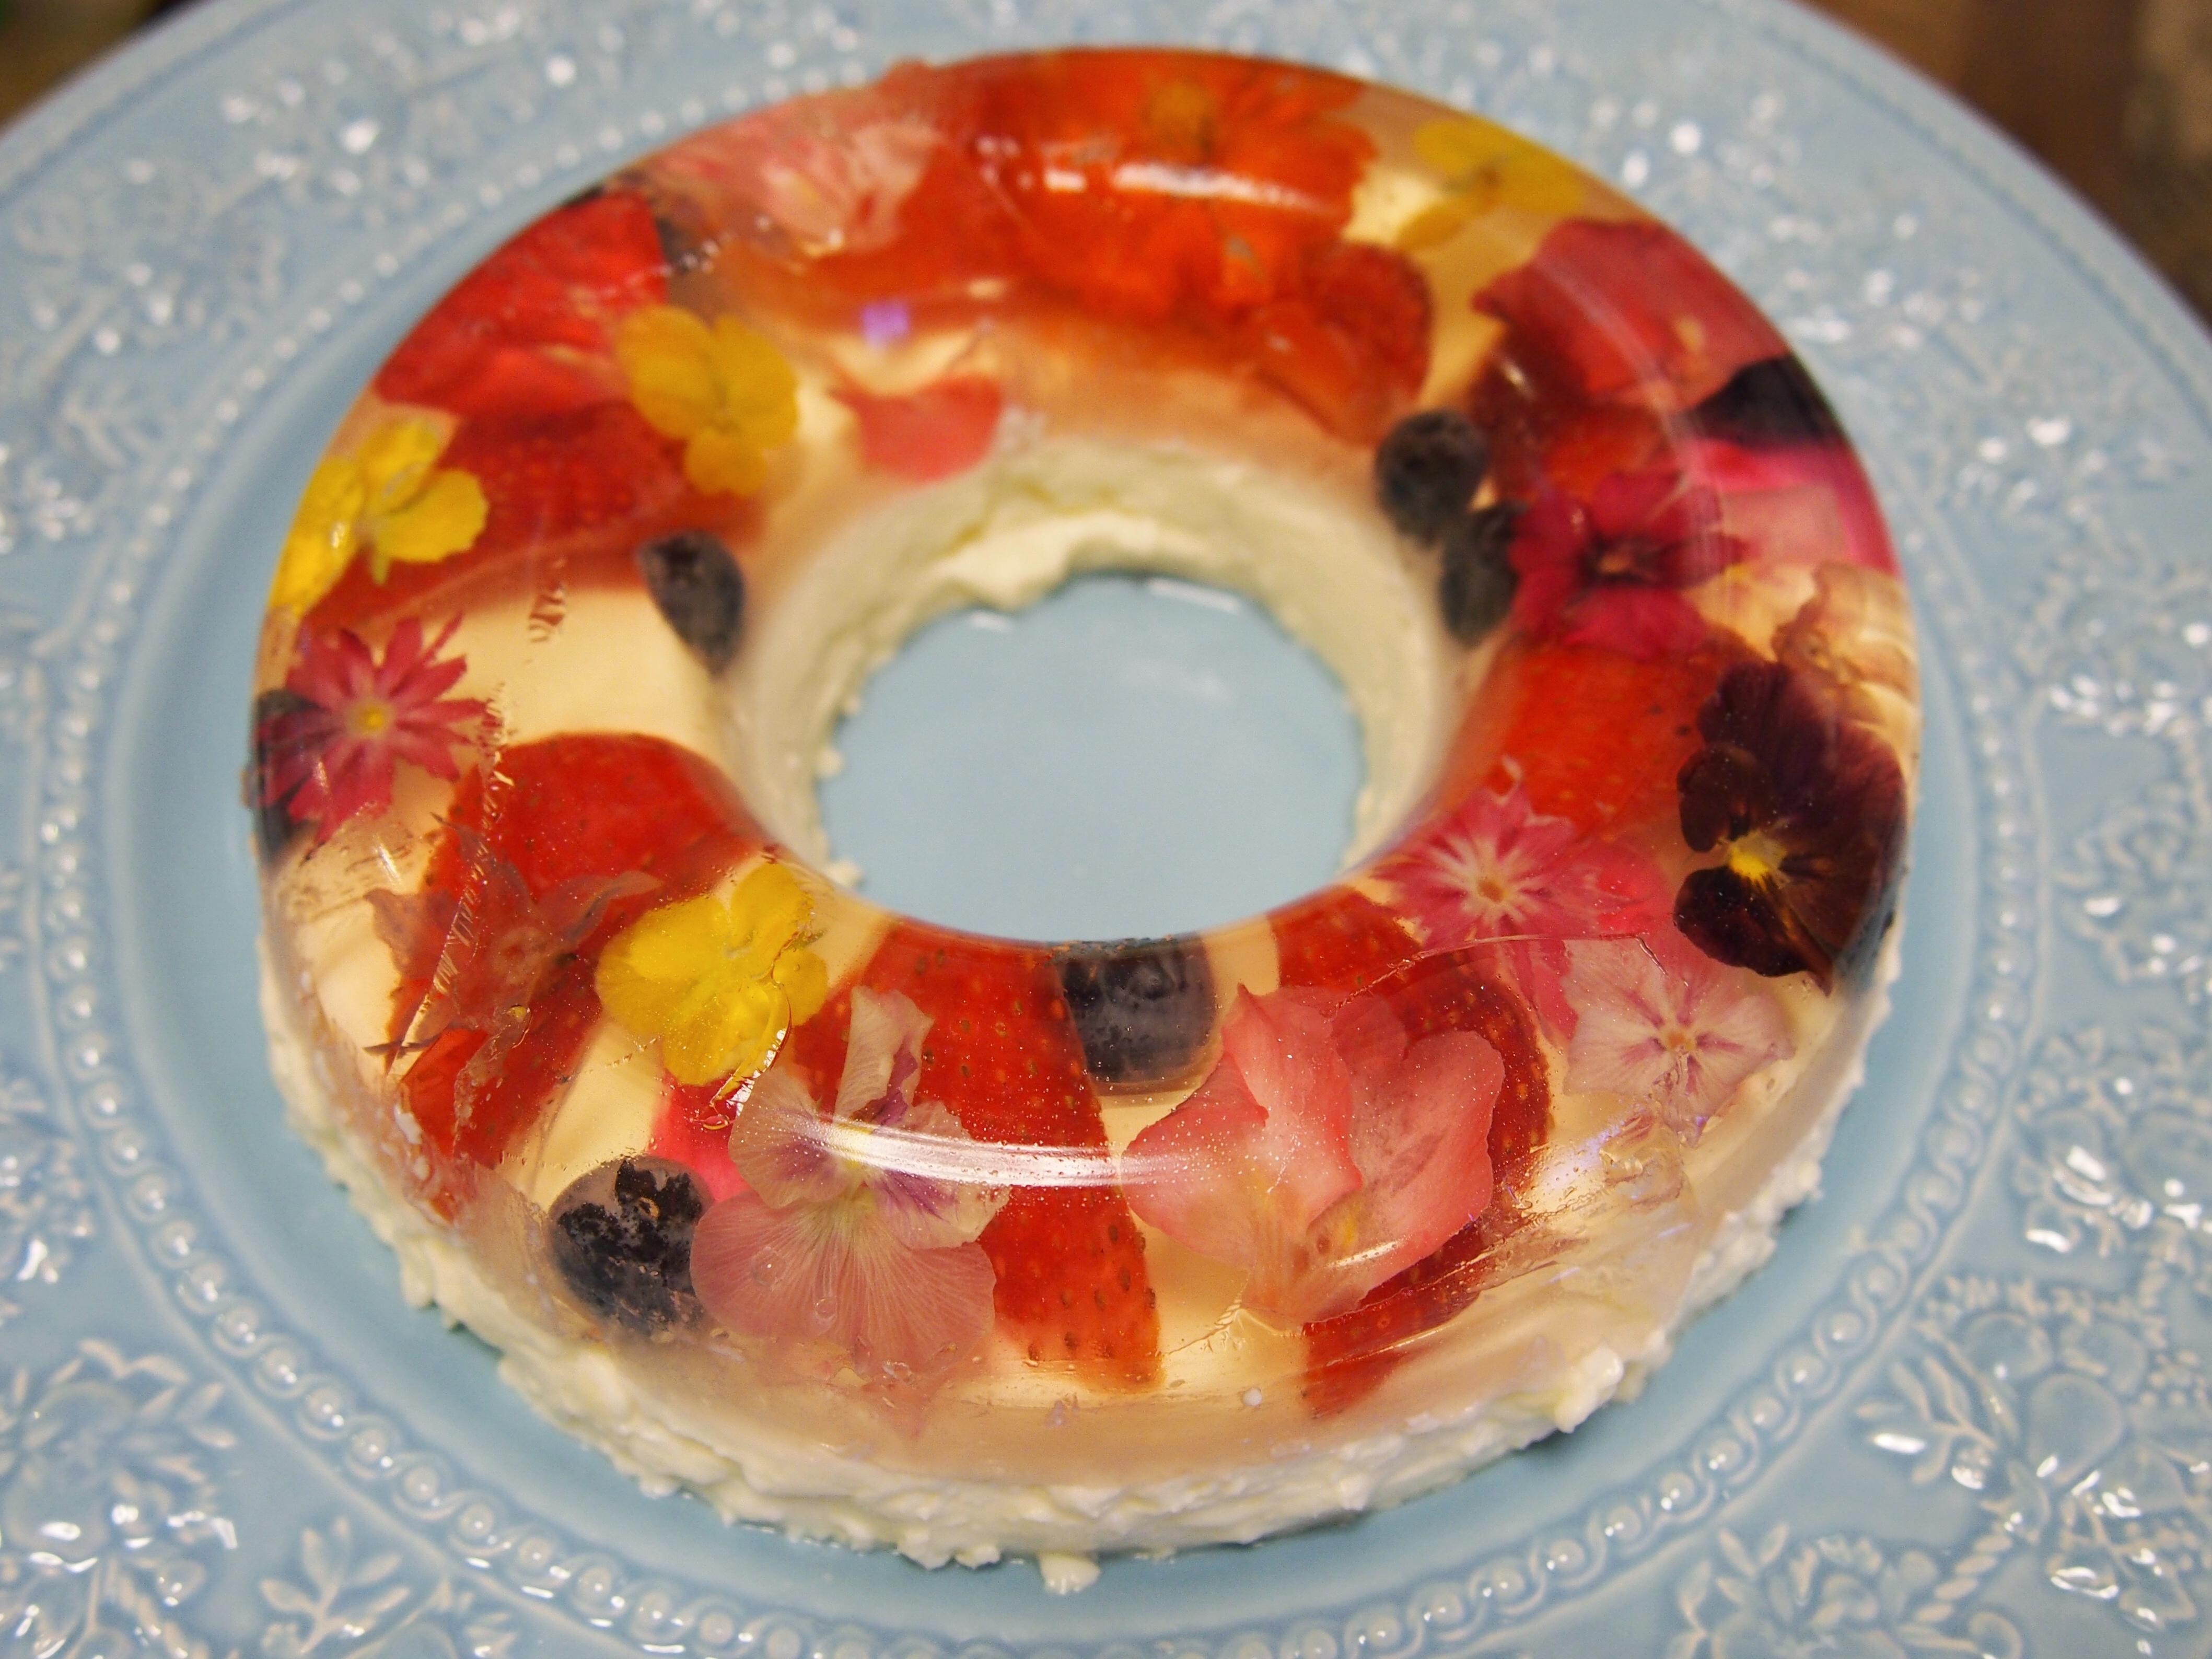 食べられるお花「エディブルフラワー」を使ったデザートを作ってみました♪